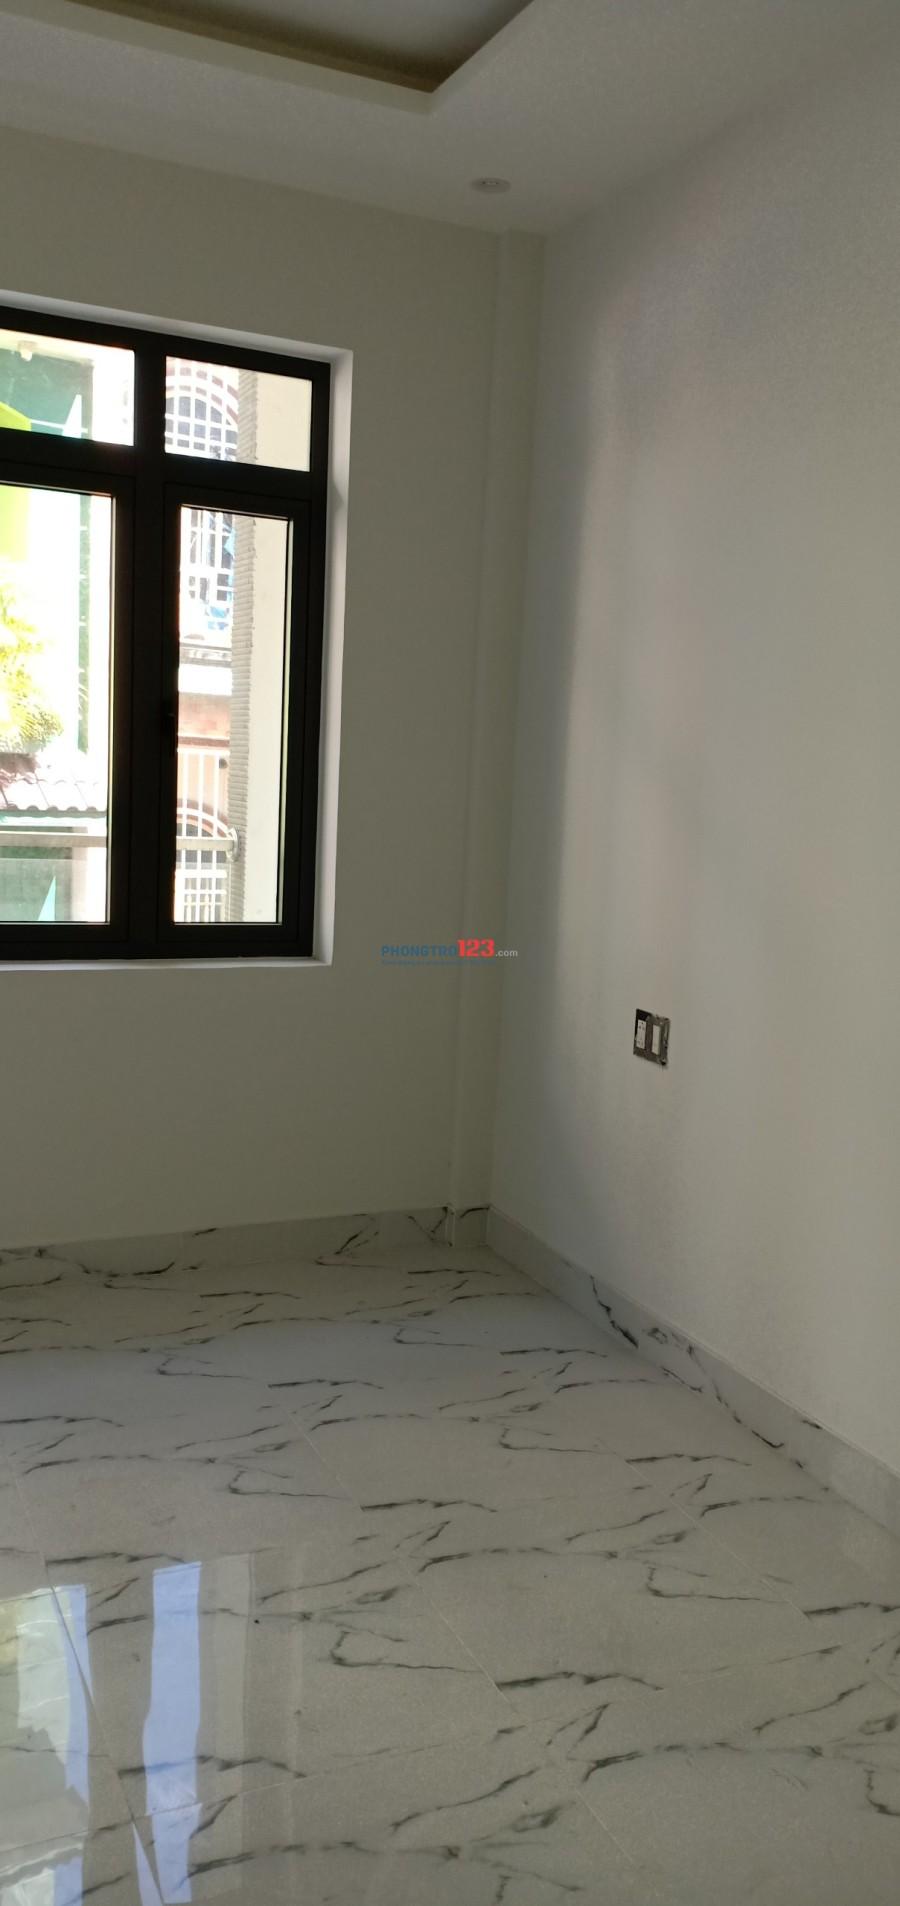 Nhà nguyên căn 1 trệt 1 lửng 3 lầu (7 phòng), có thang máy,  nước nóng năng lượng, chính chủ